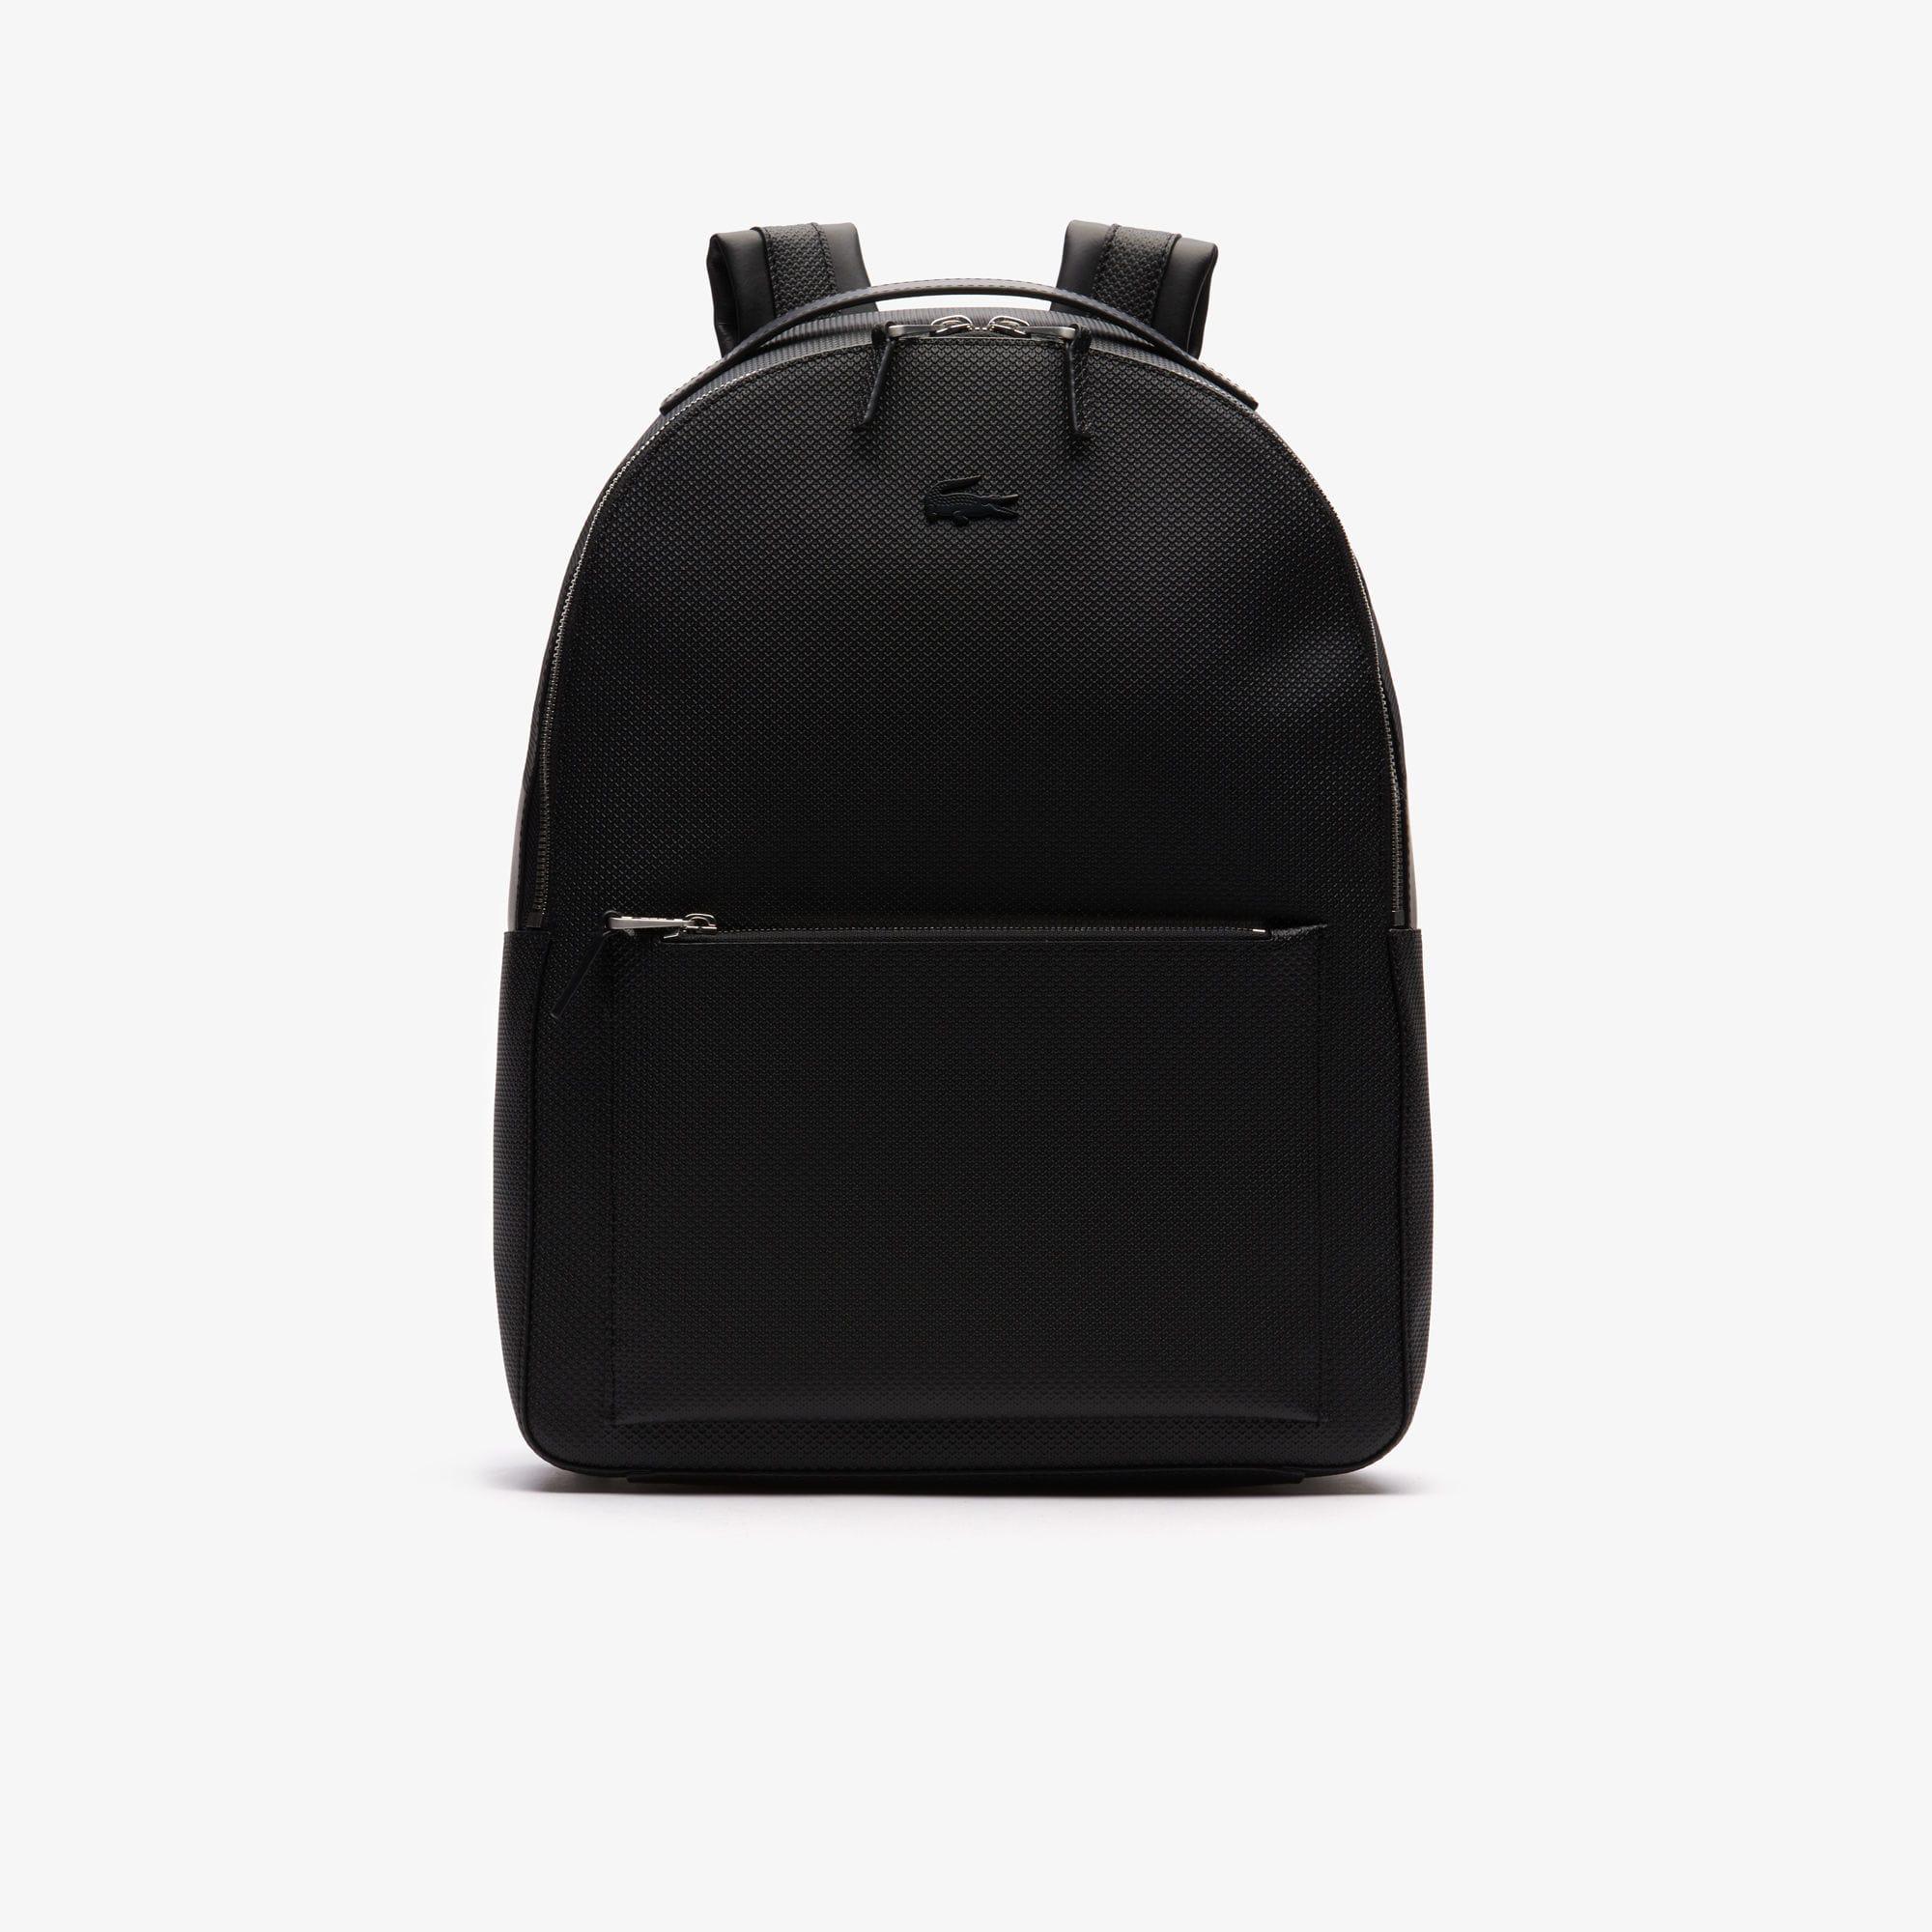 13cb43aeb4 Women's L.12.12 Small Leather Tote Bag in Black